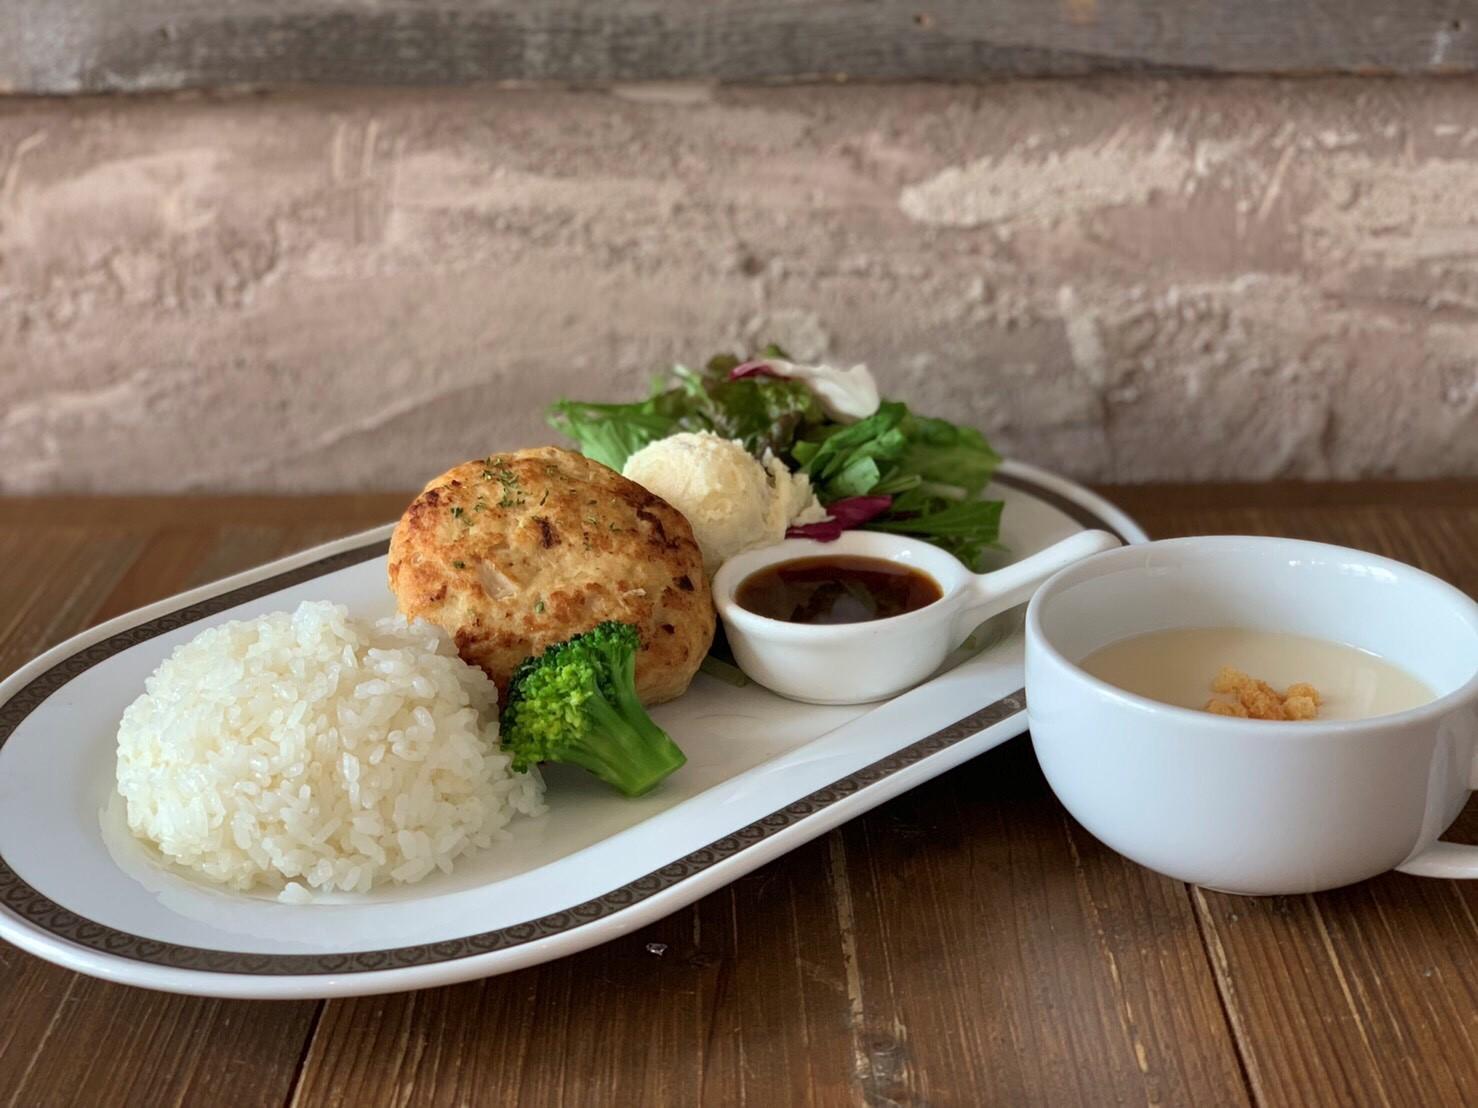 自家製ヘルシー豆腐ハンバーグ 1,000円